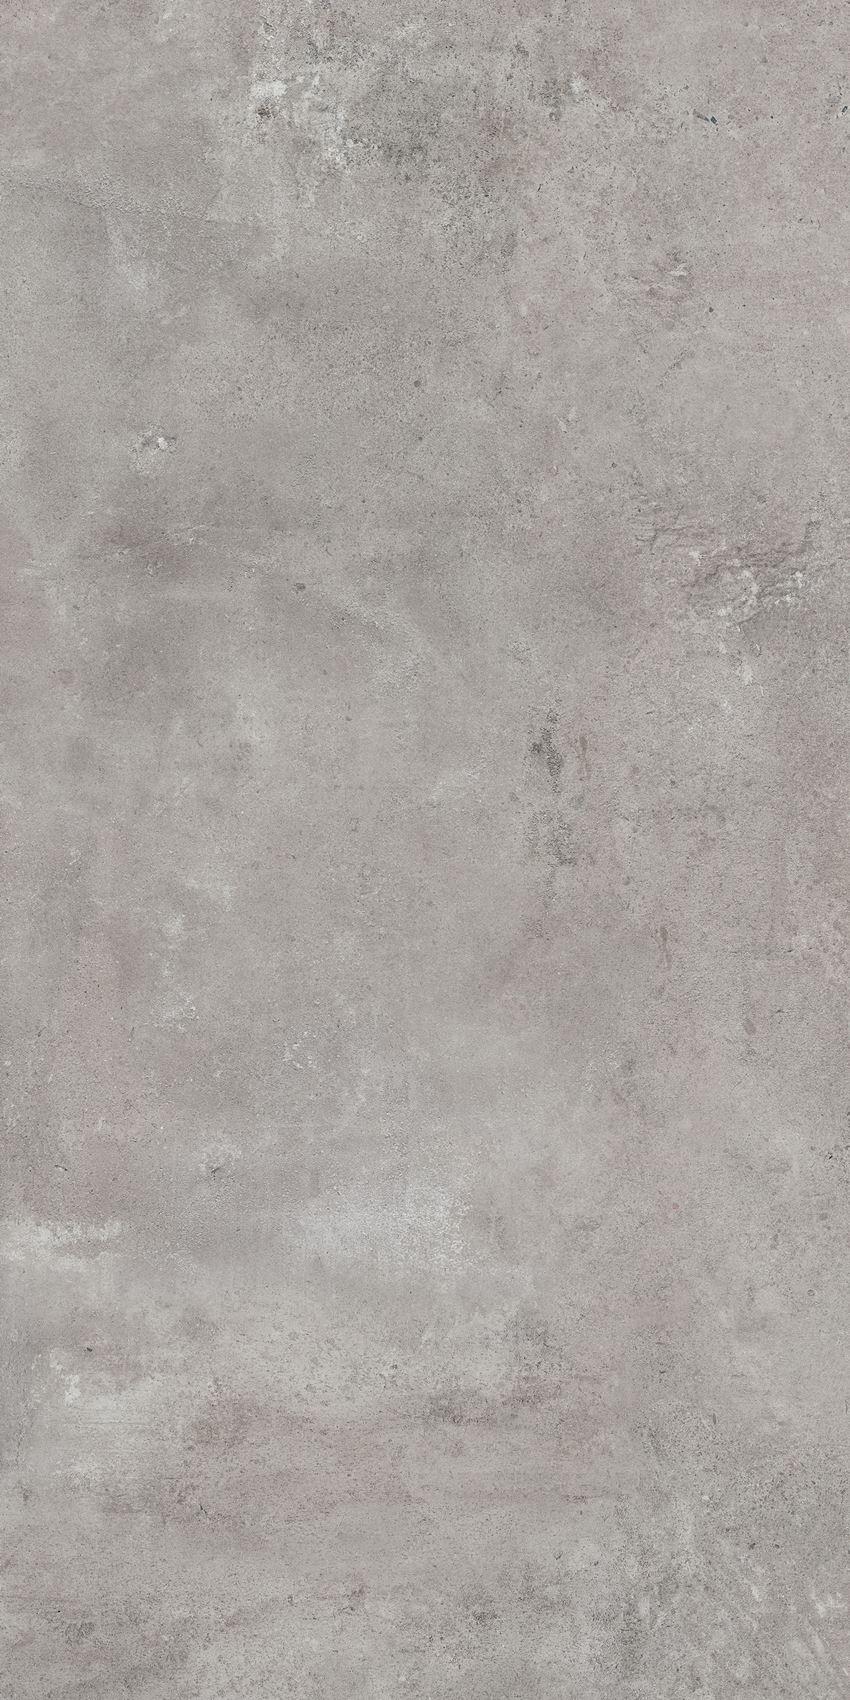 Płytka ścienno-podłogowa Cerrad Softcement silver 60x120 3